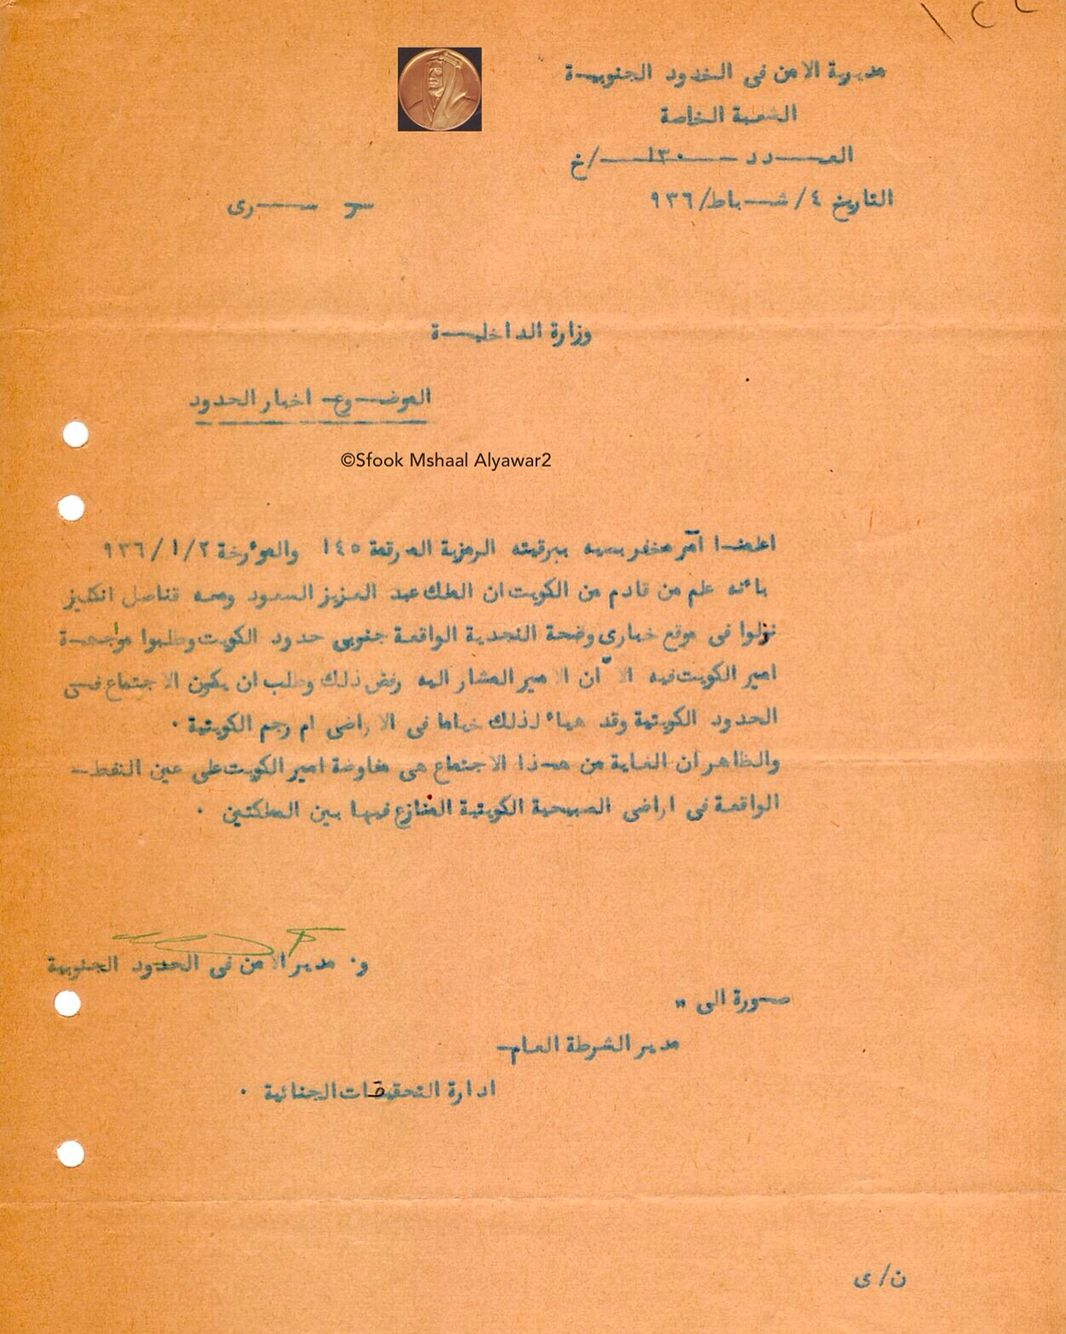 تقرير امني عراقي عن تحركات الملك عبدالعزيز آل سعود والمشاكل الحدودية بين السعودية والكويت ٤ شباط ١٩٣٦م Baghdad Iraq Iraq Baghdad